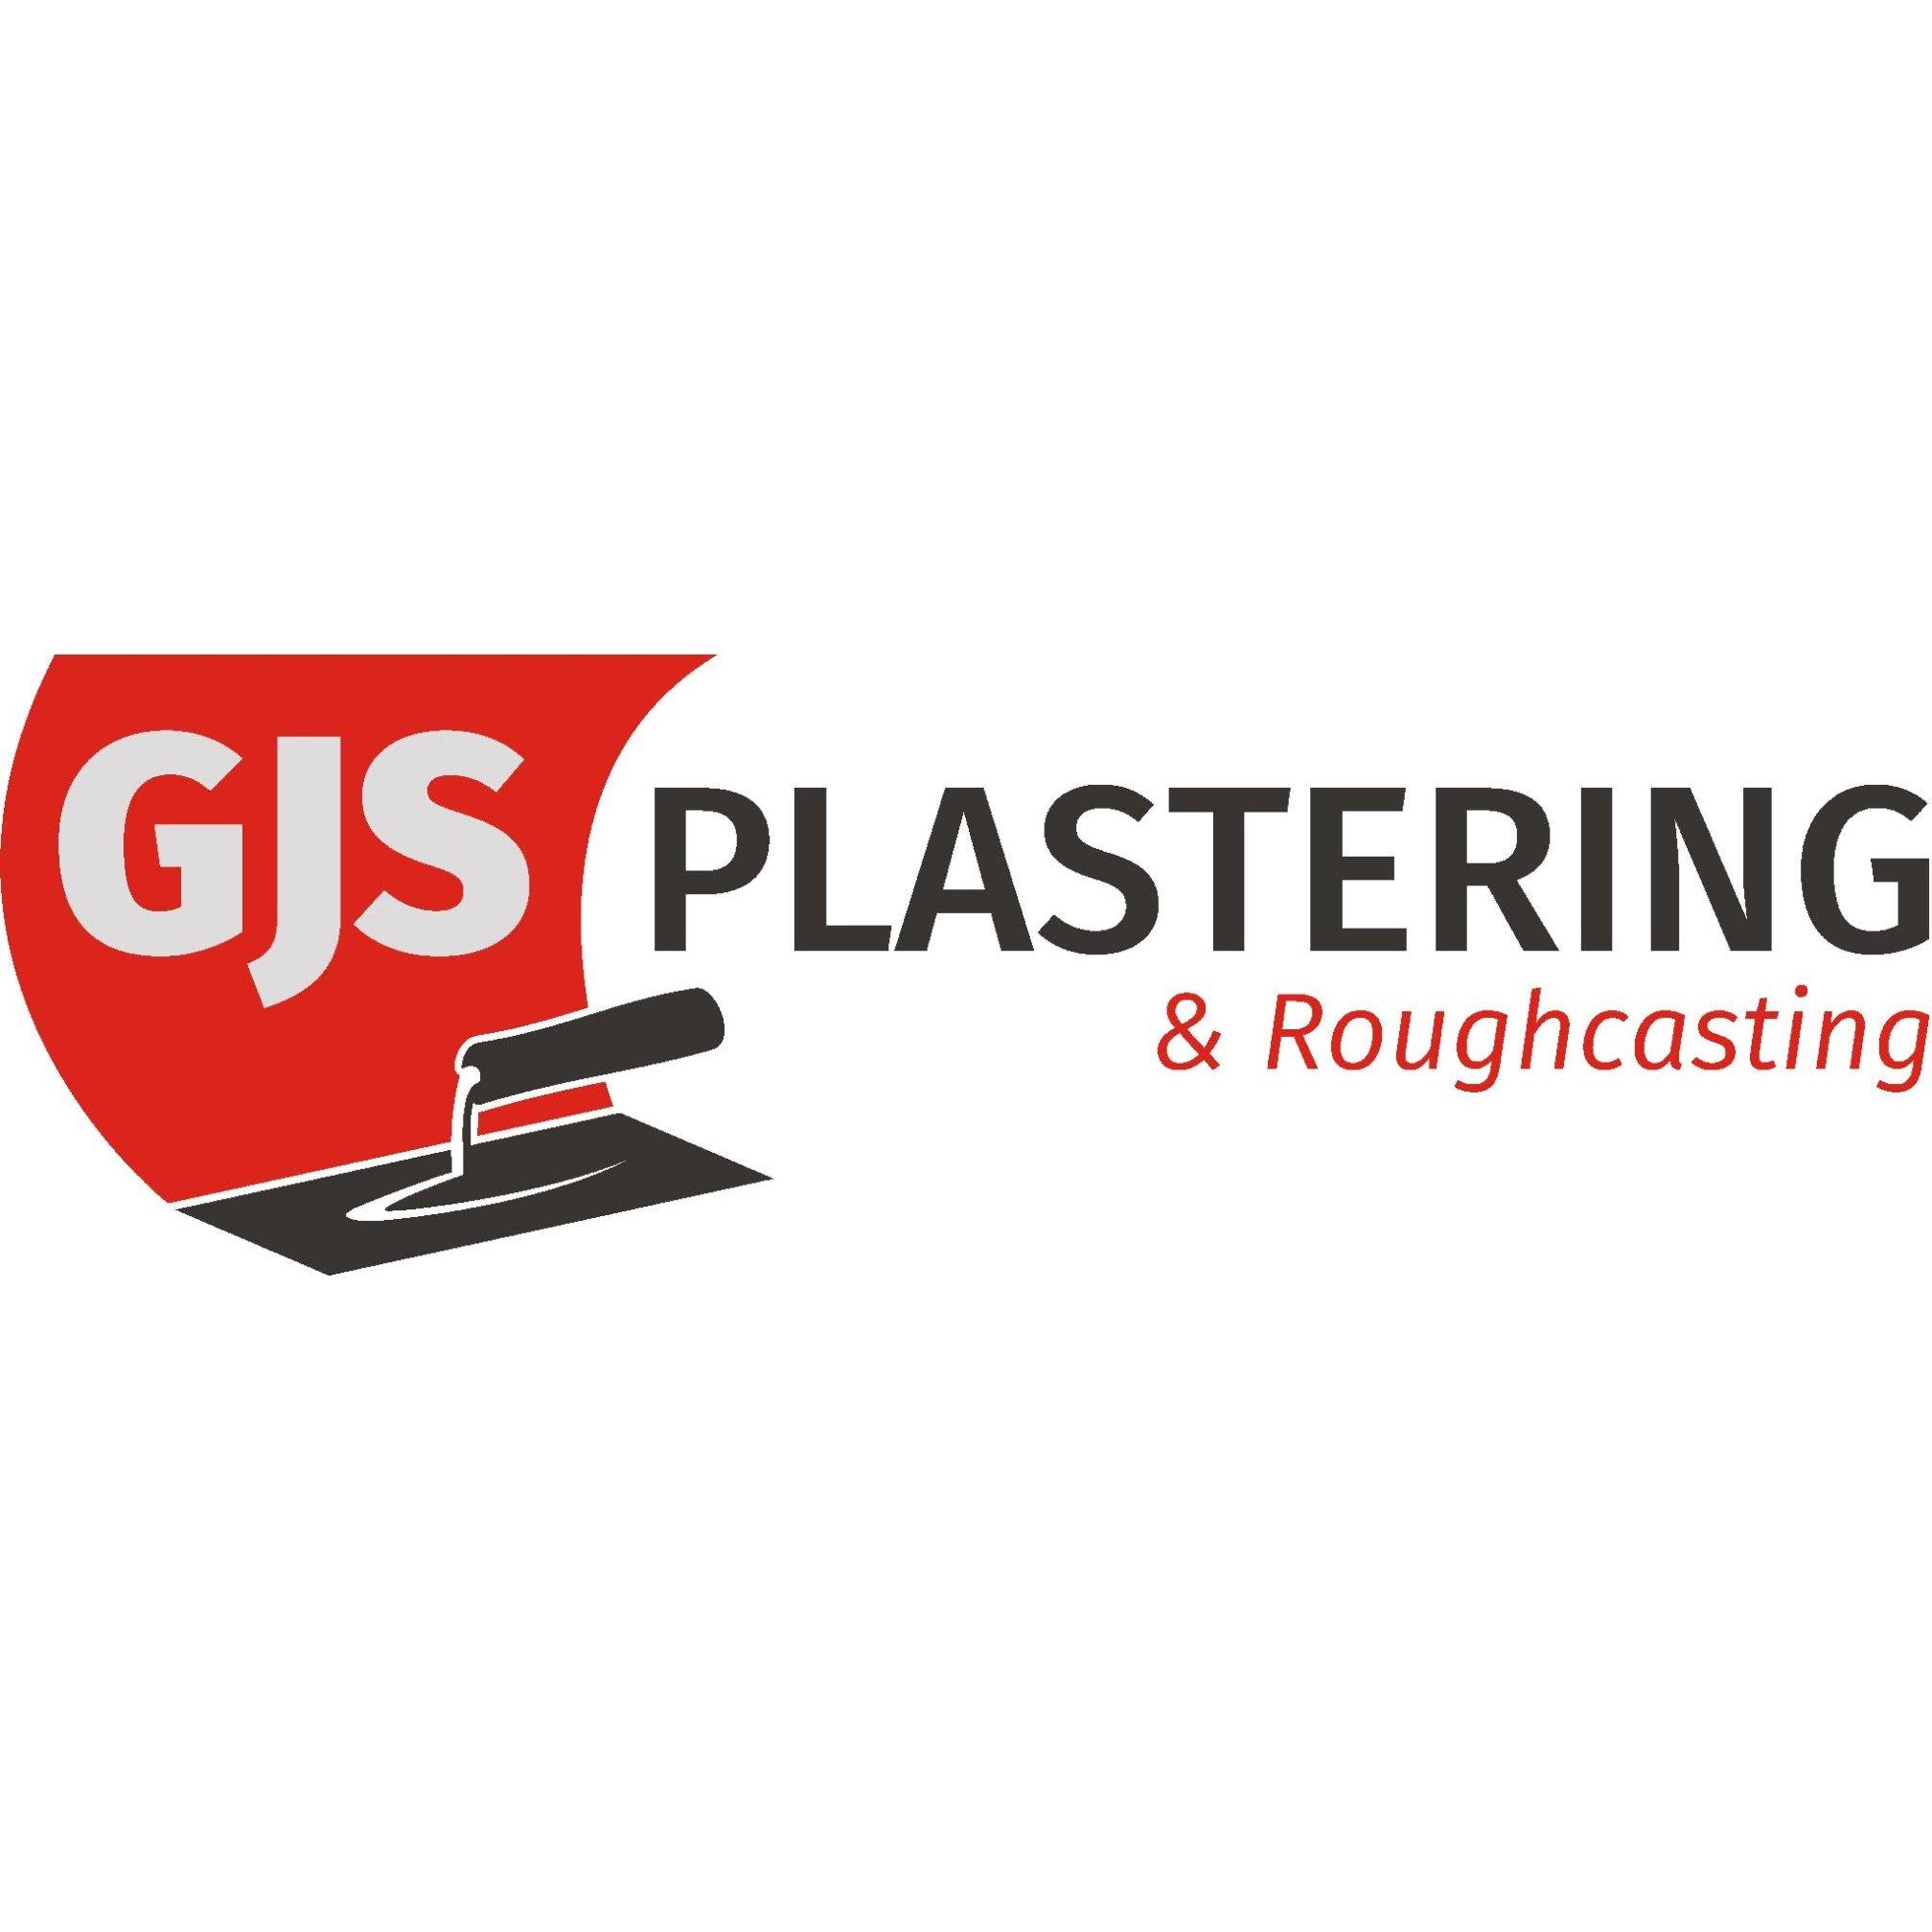 GJS Plastering & Roughcasting